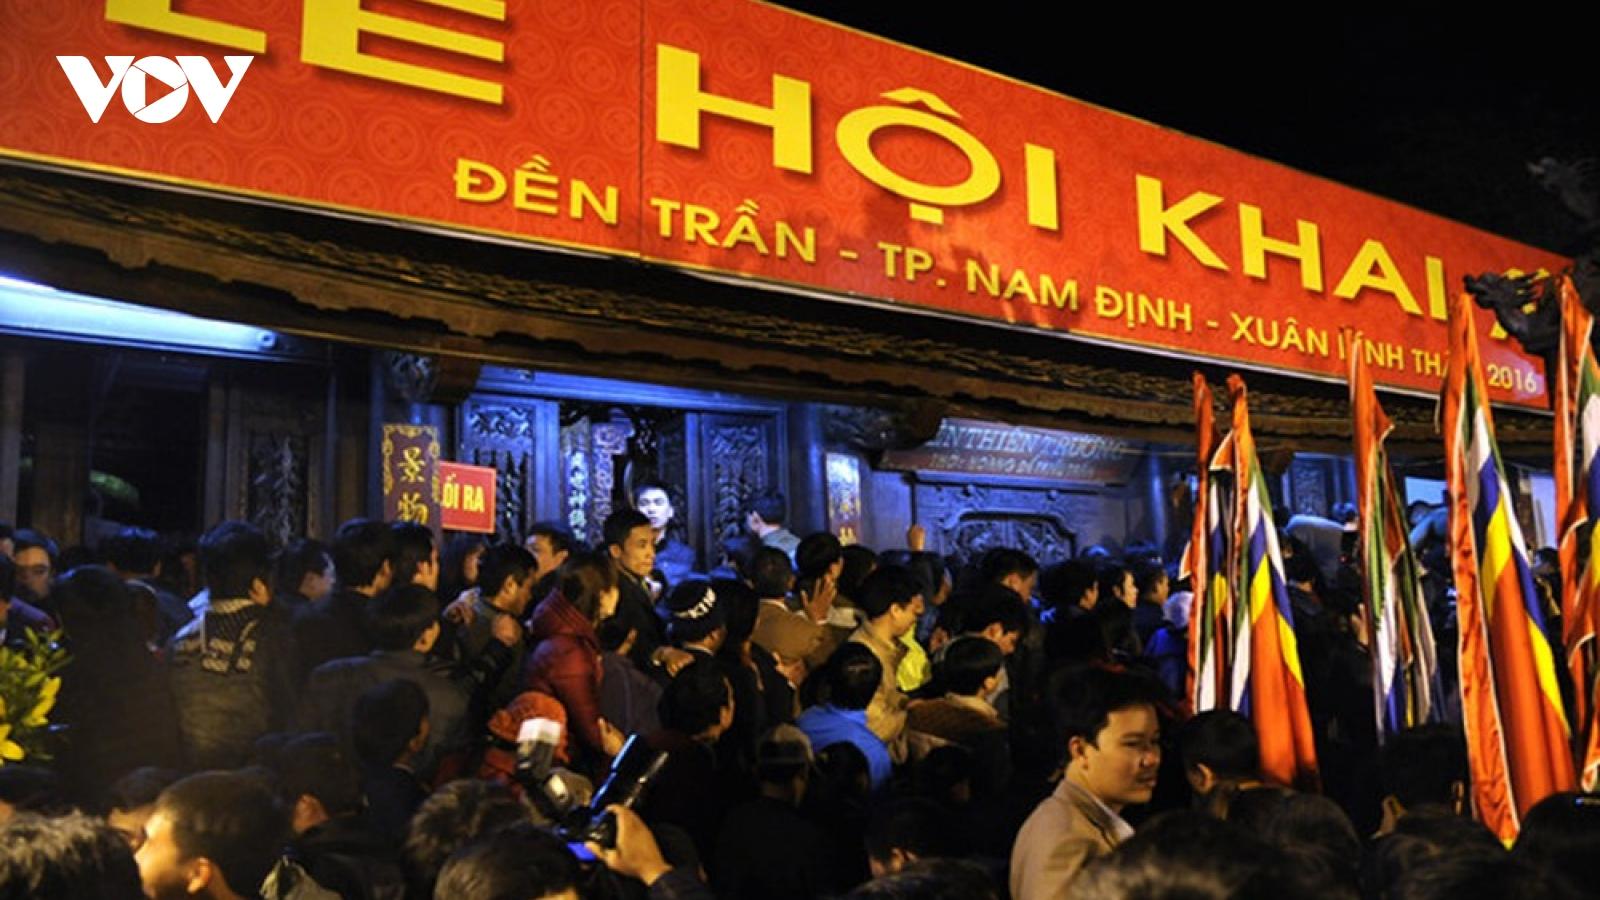 Dừng tổ chức Lễ hội Khai Ấn đền Trần dịp Xuân Tân Sửu 2021